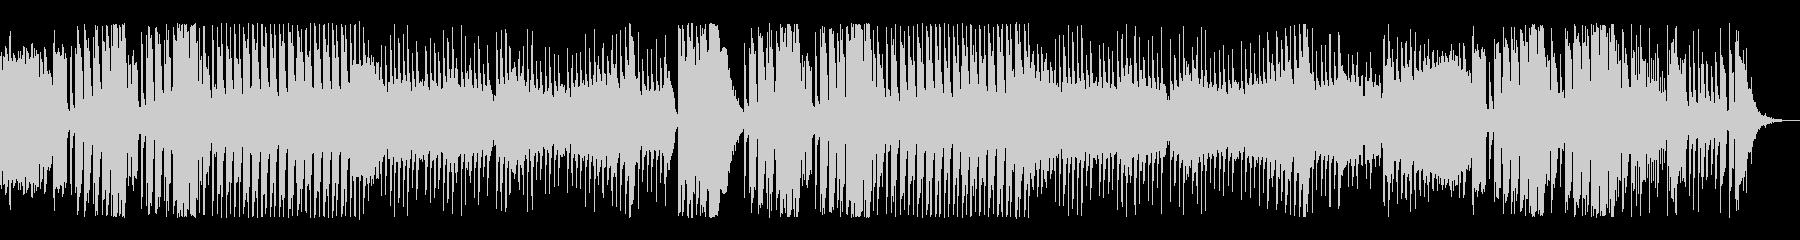 メルヘンかわいいおもちゃのピアノ曲の未再生の波形